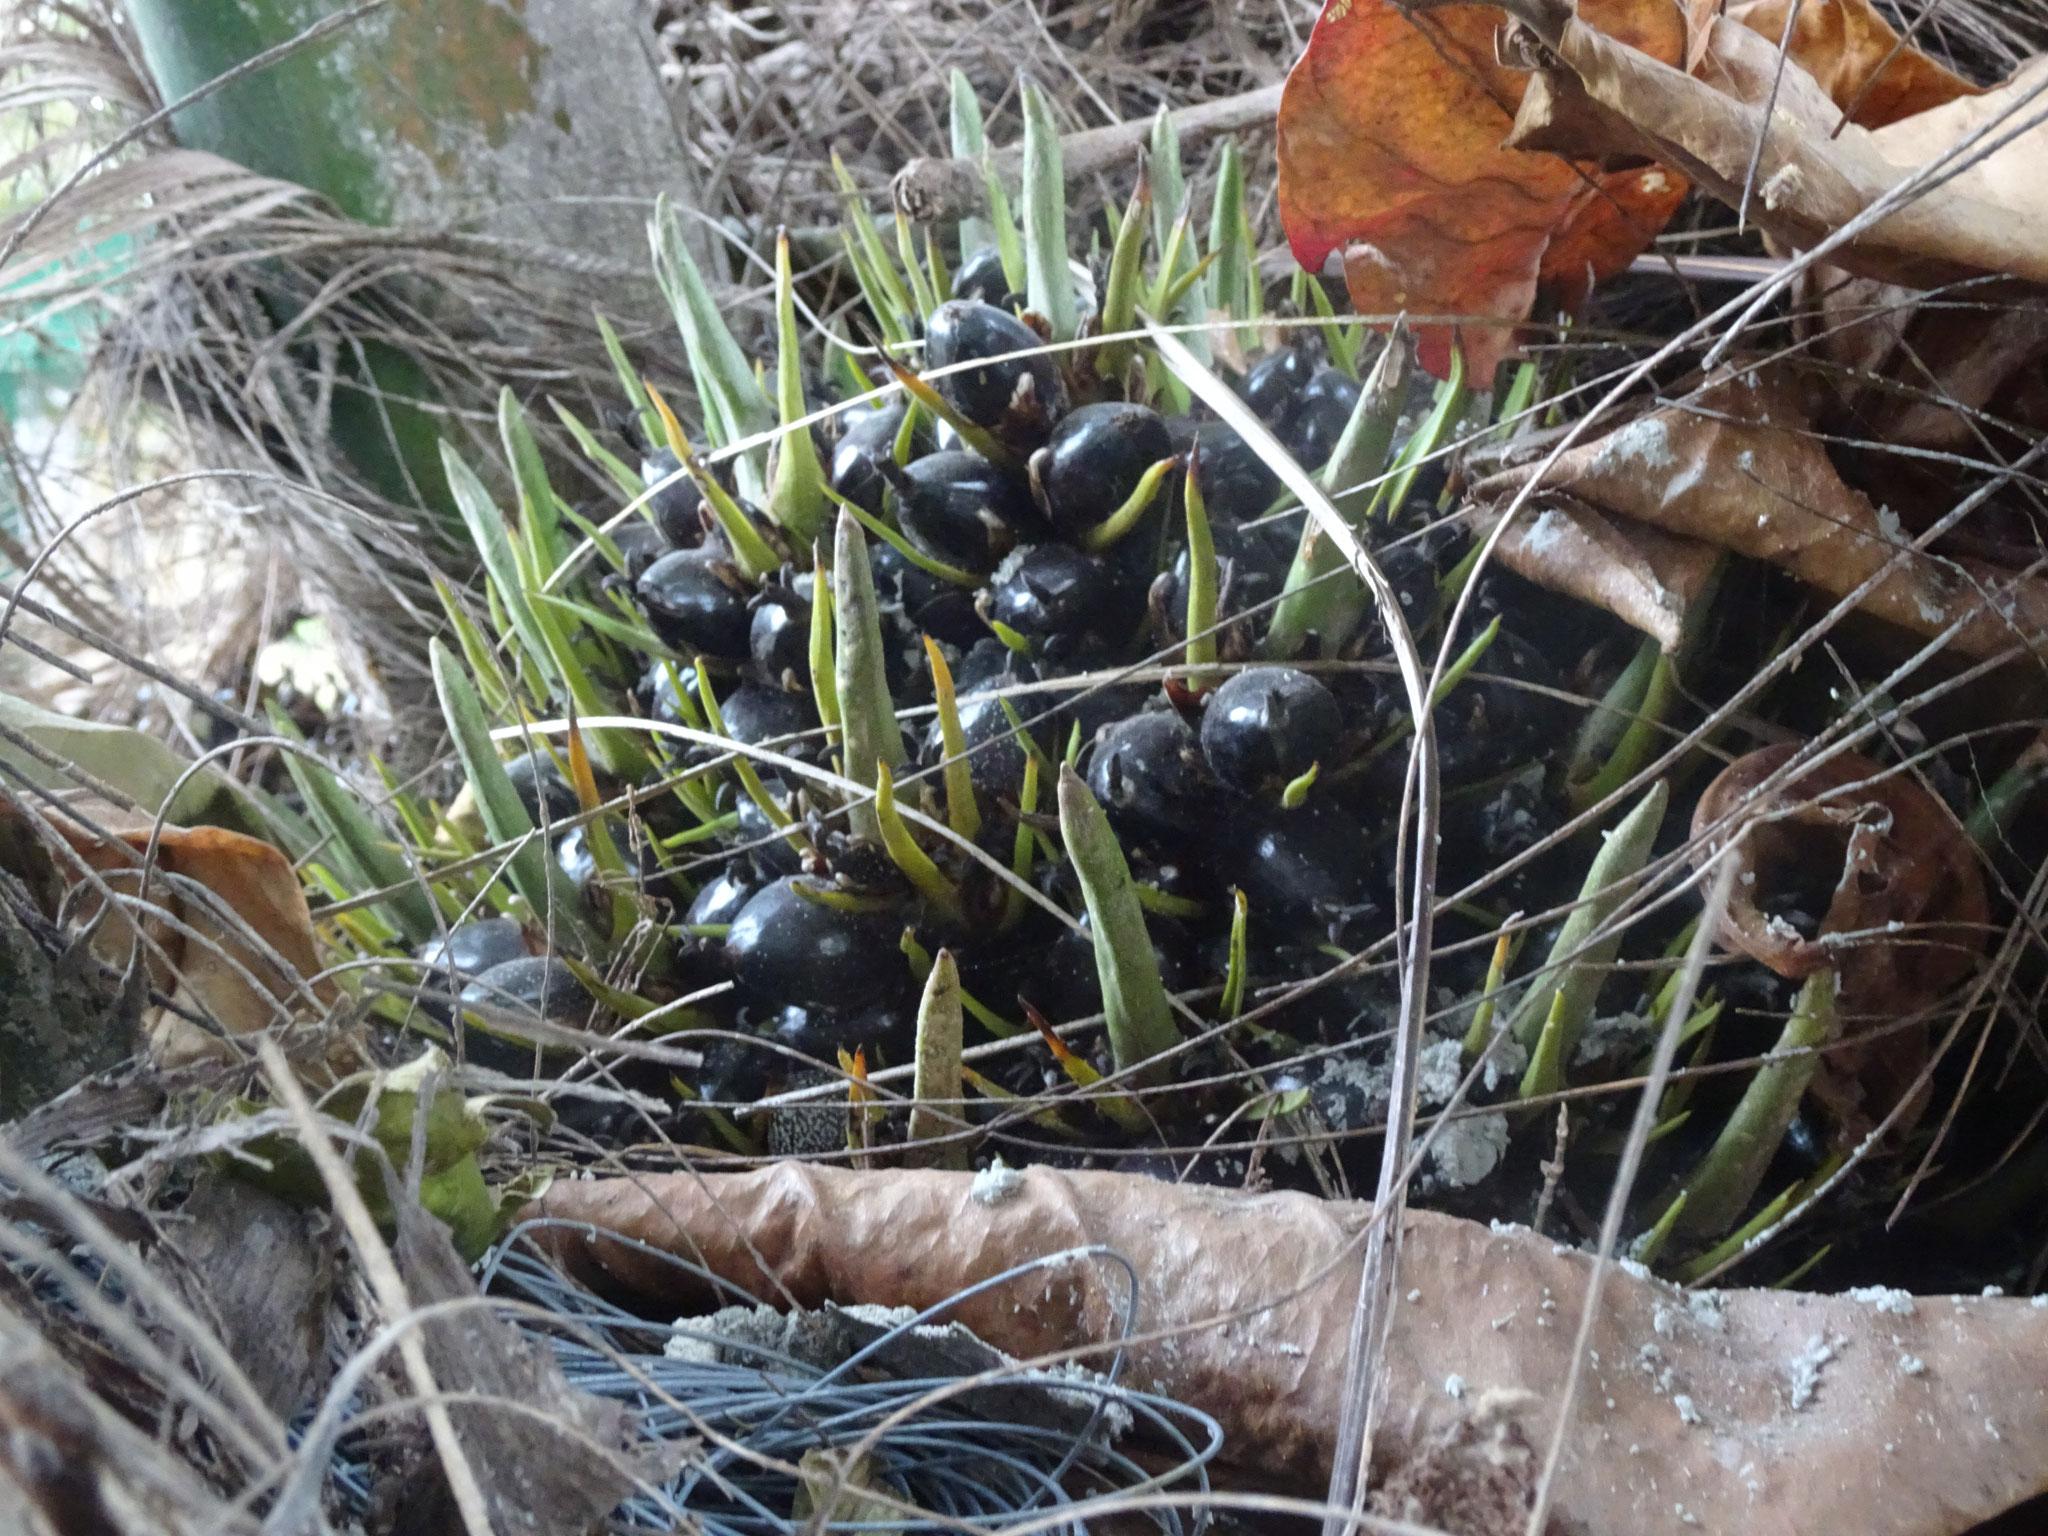 Unreifes Palmöl in unserem Garten.